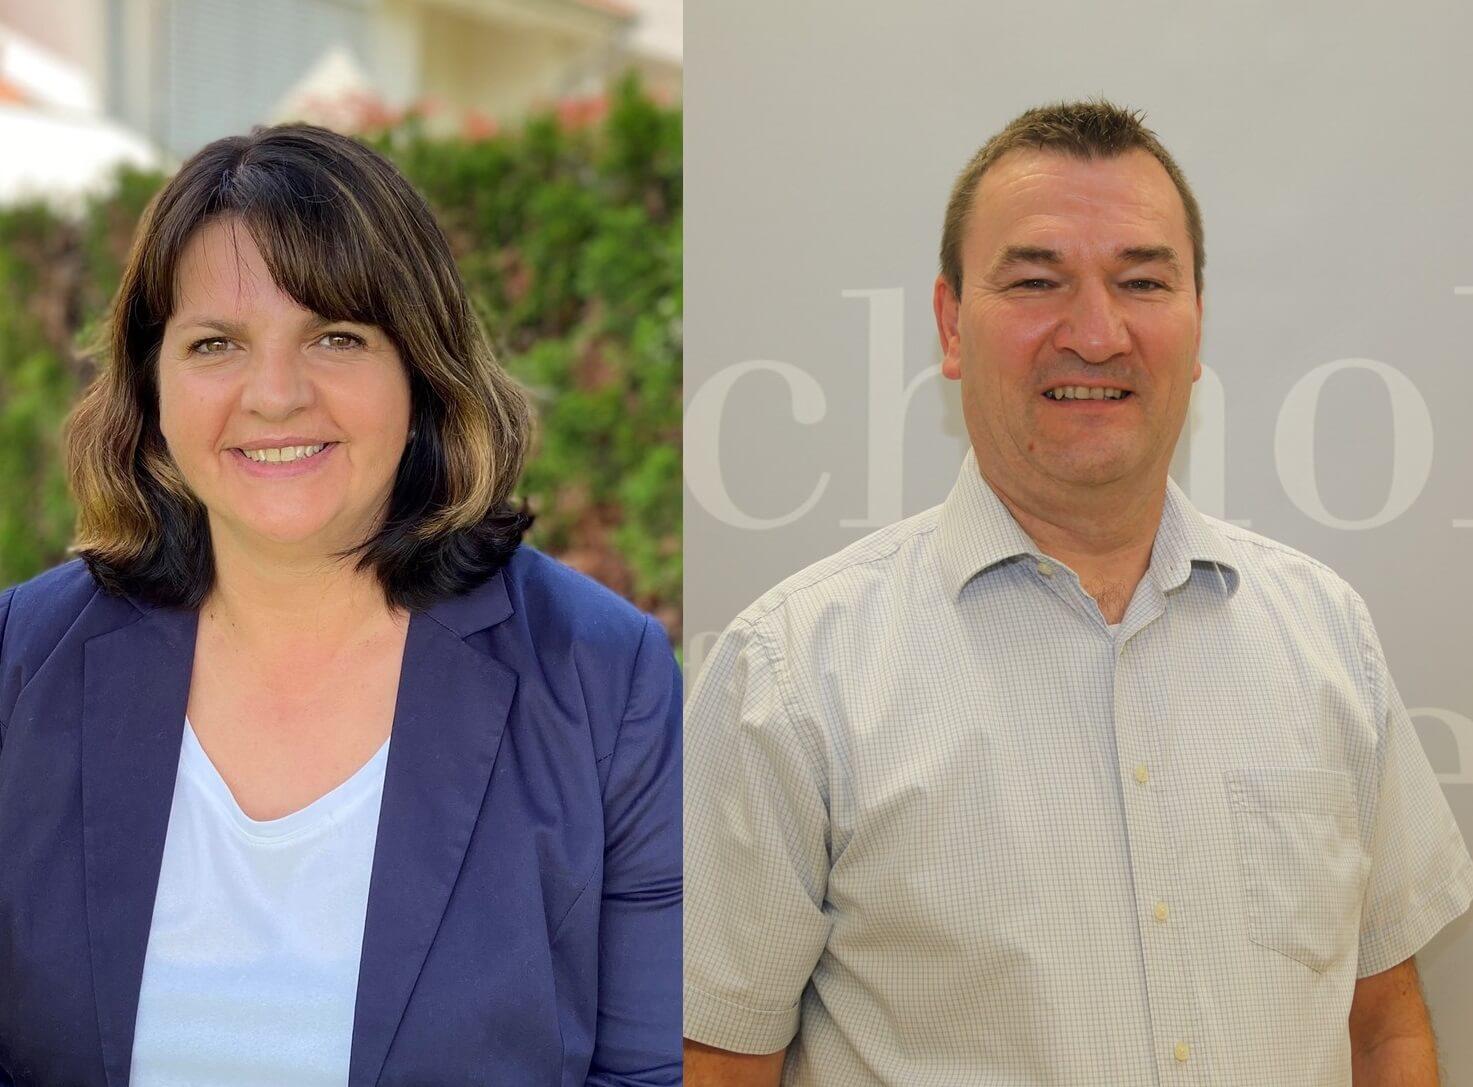 Olivera Haas und Eric Böhmfeld, die Leiter des Arbeitskreises Bildung der Wissensfabrik